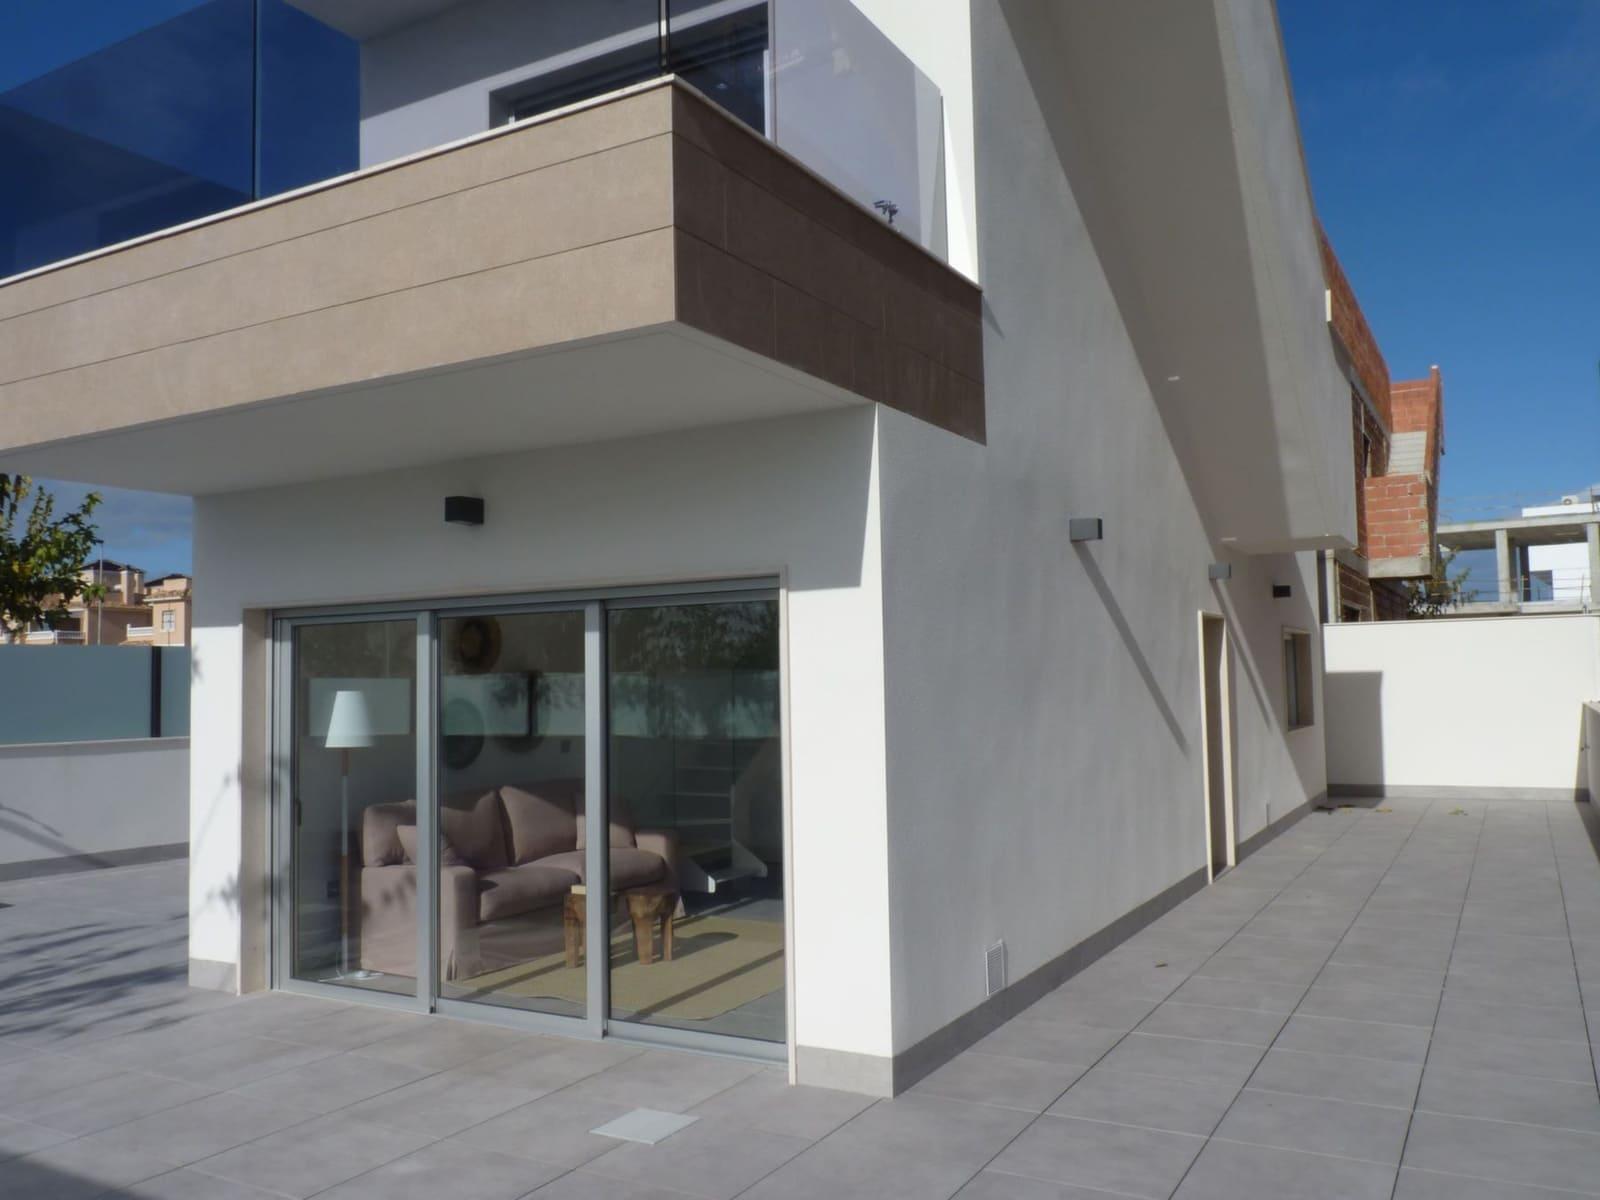 Chalet de 3 habitaciones en Pilar de la Horadada en venta con piscina - 281.000 € (Ref: 4947049)